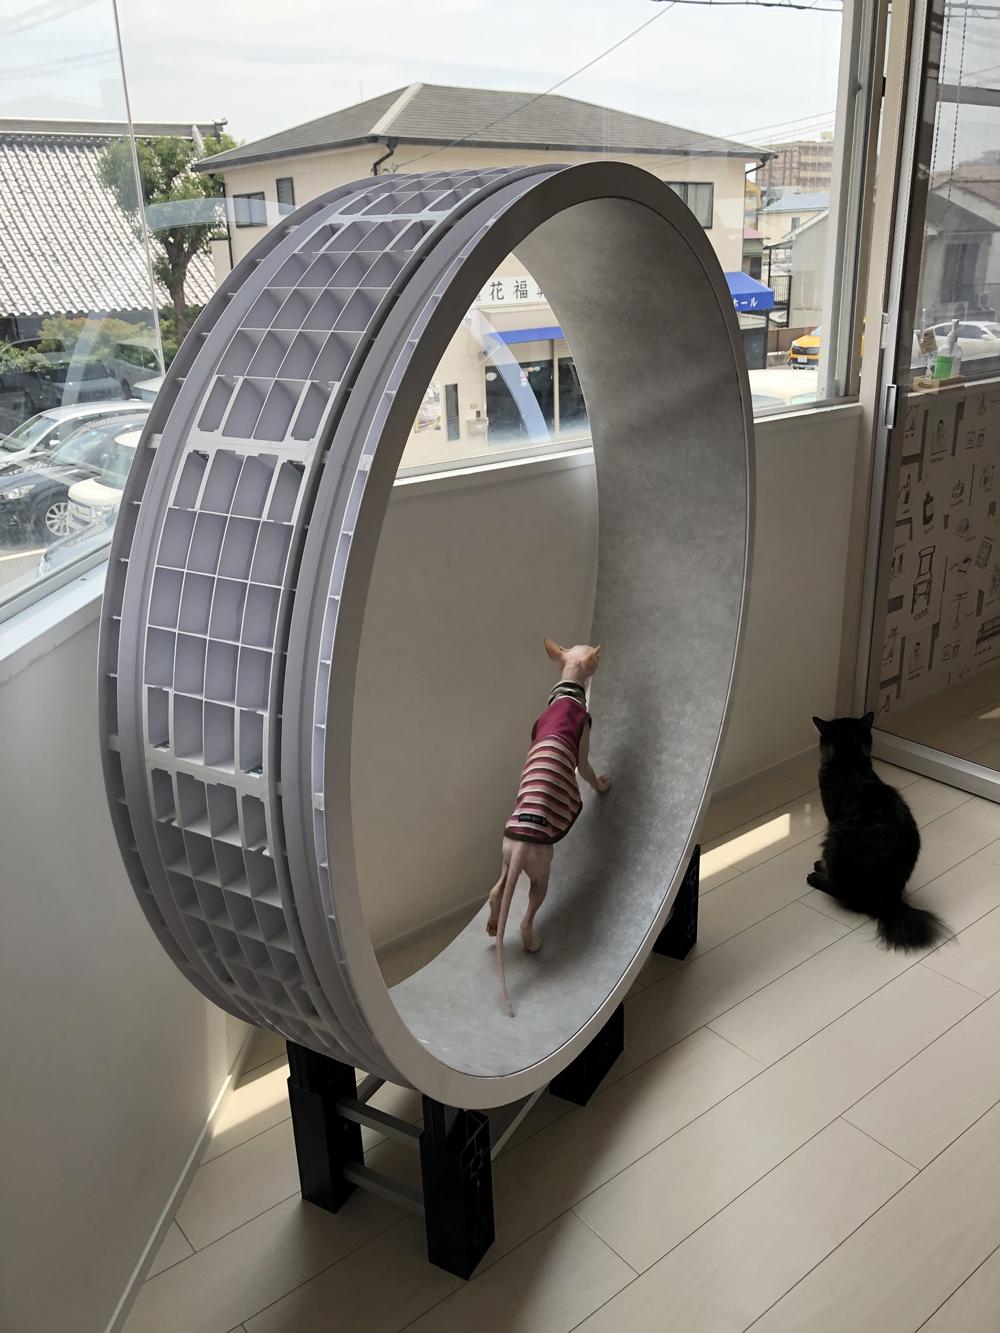 これは珍しい😄 巨大な猫車(キャットホイール)です。